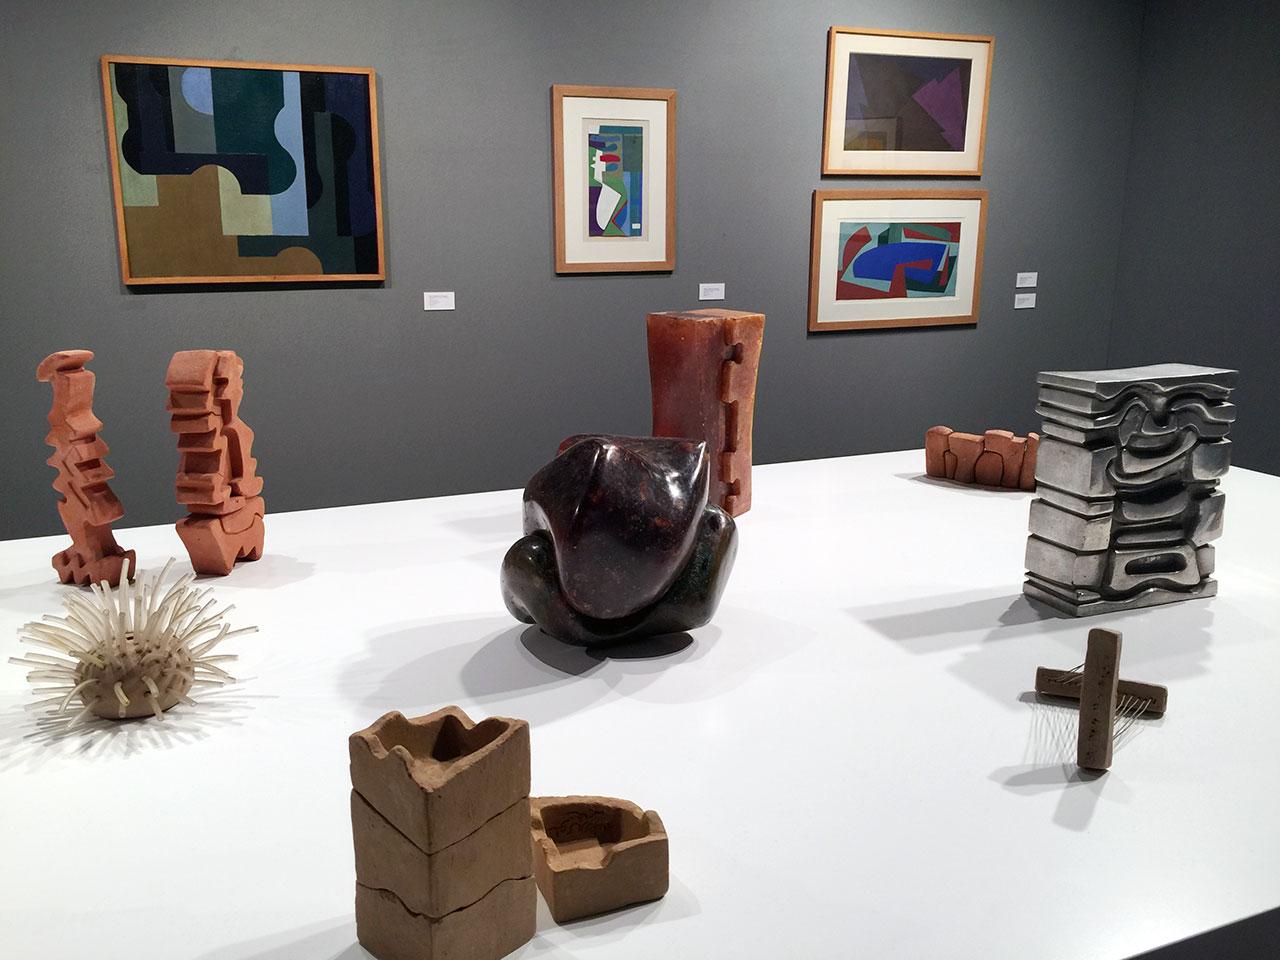 Saloua Raouda Choucair at CRG Gallery